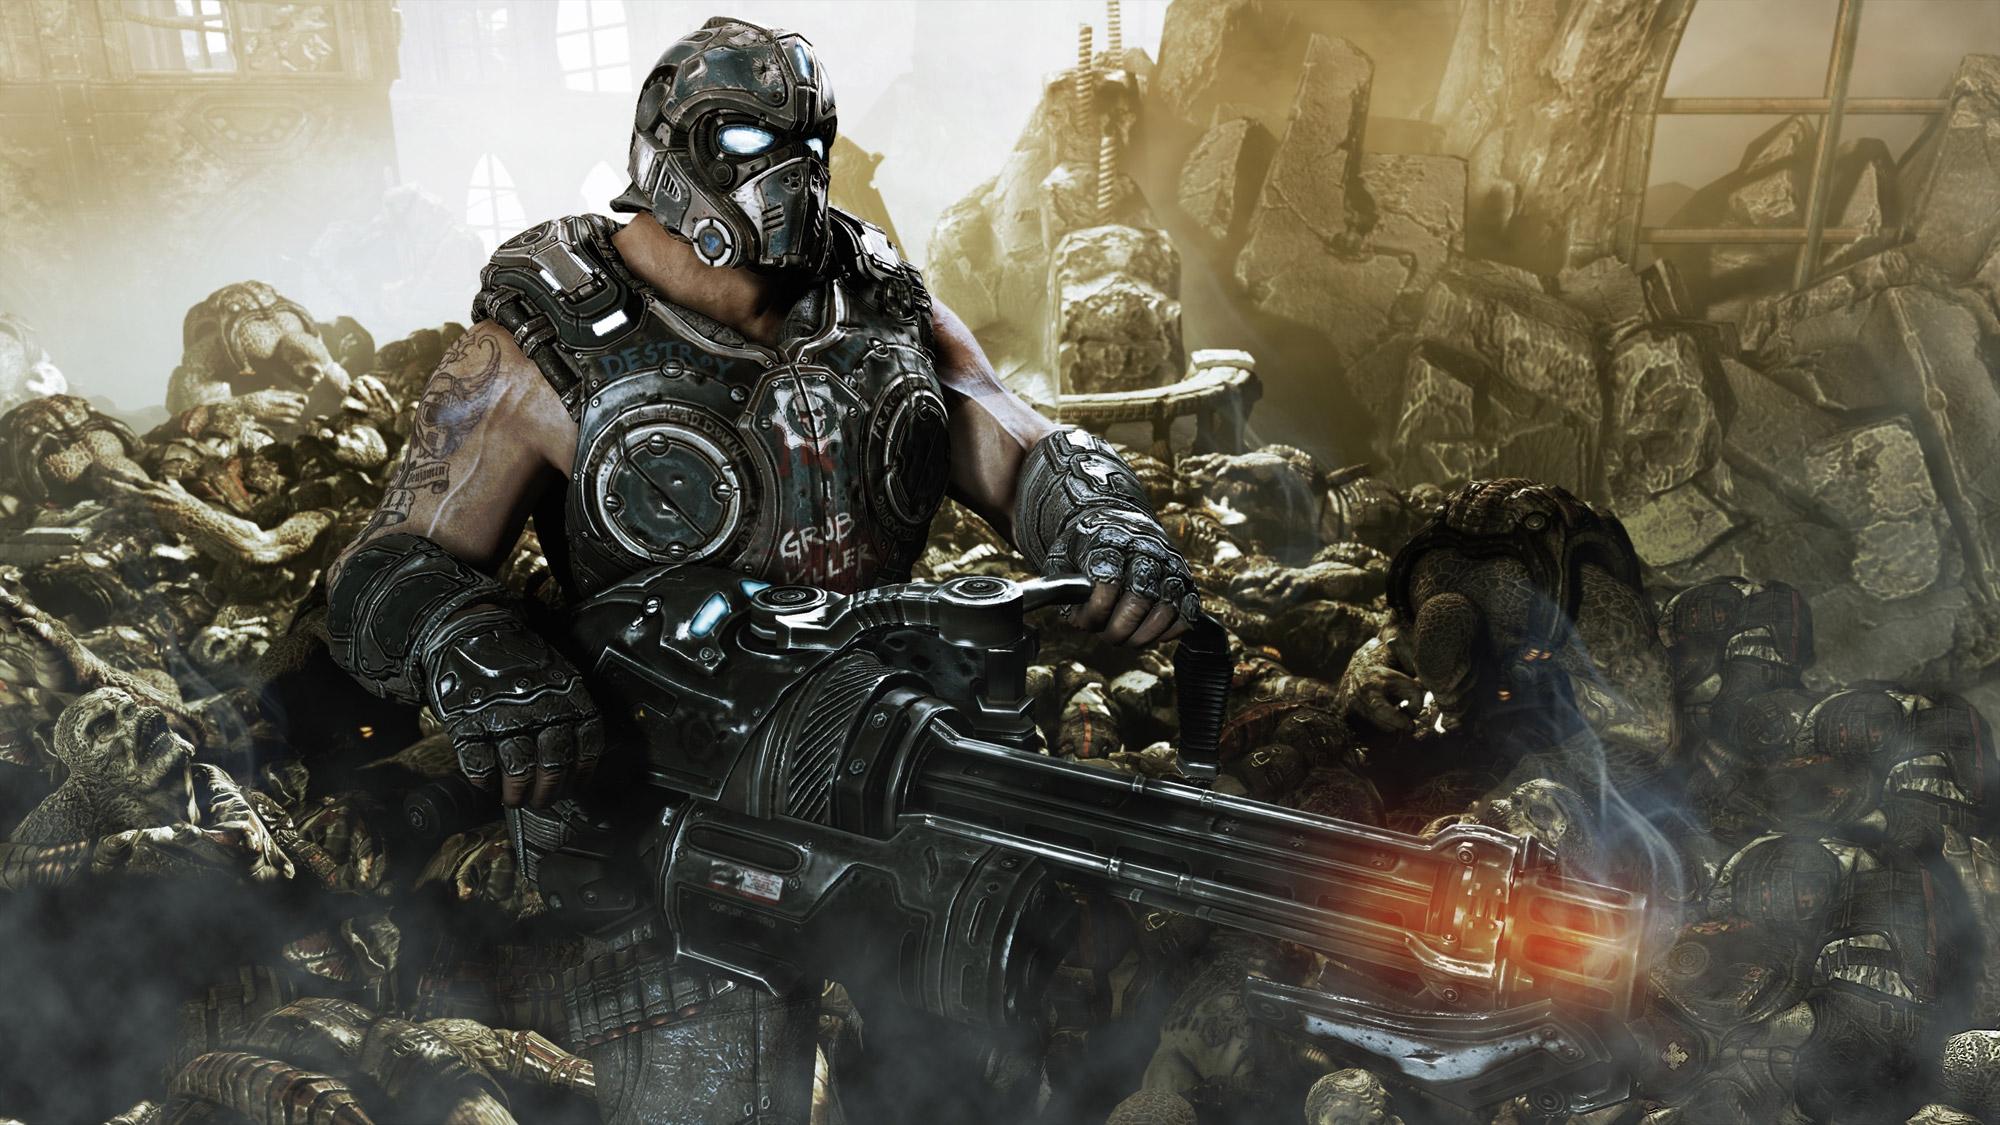 Ultimo Trailer de Gears of War 3 te deja al día con la historia